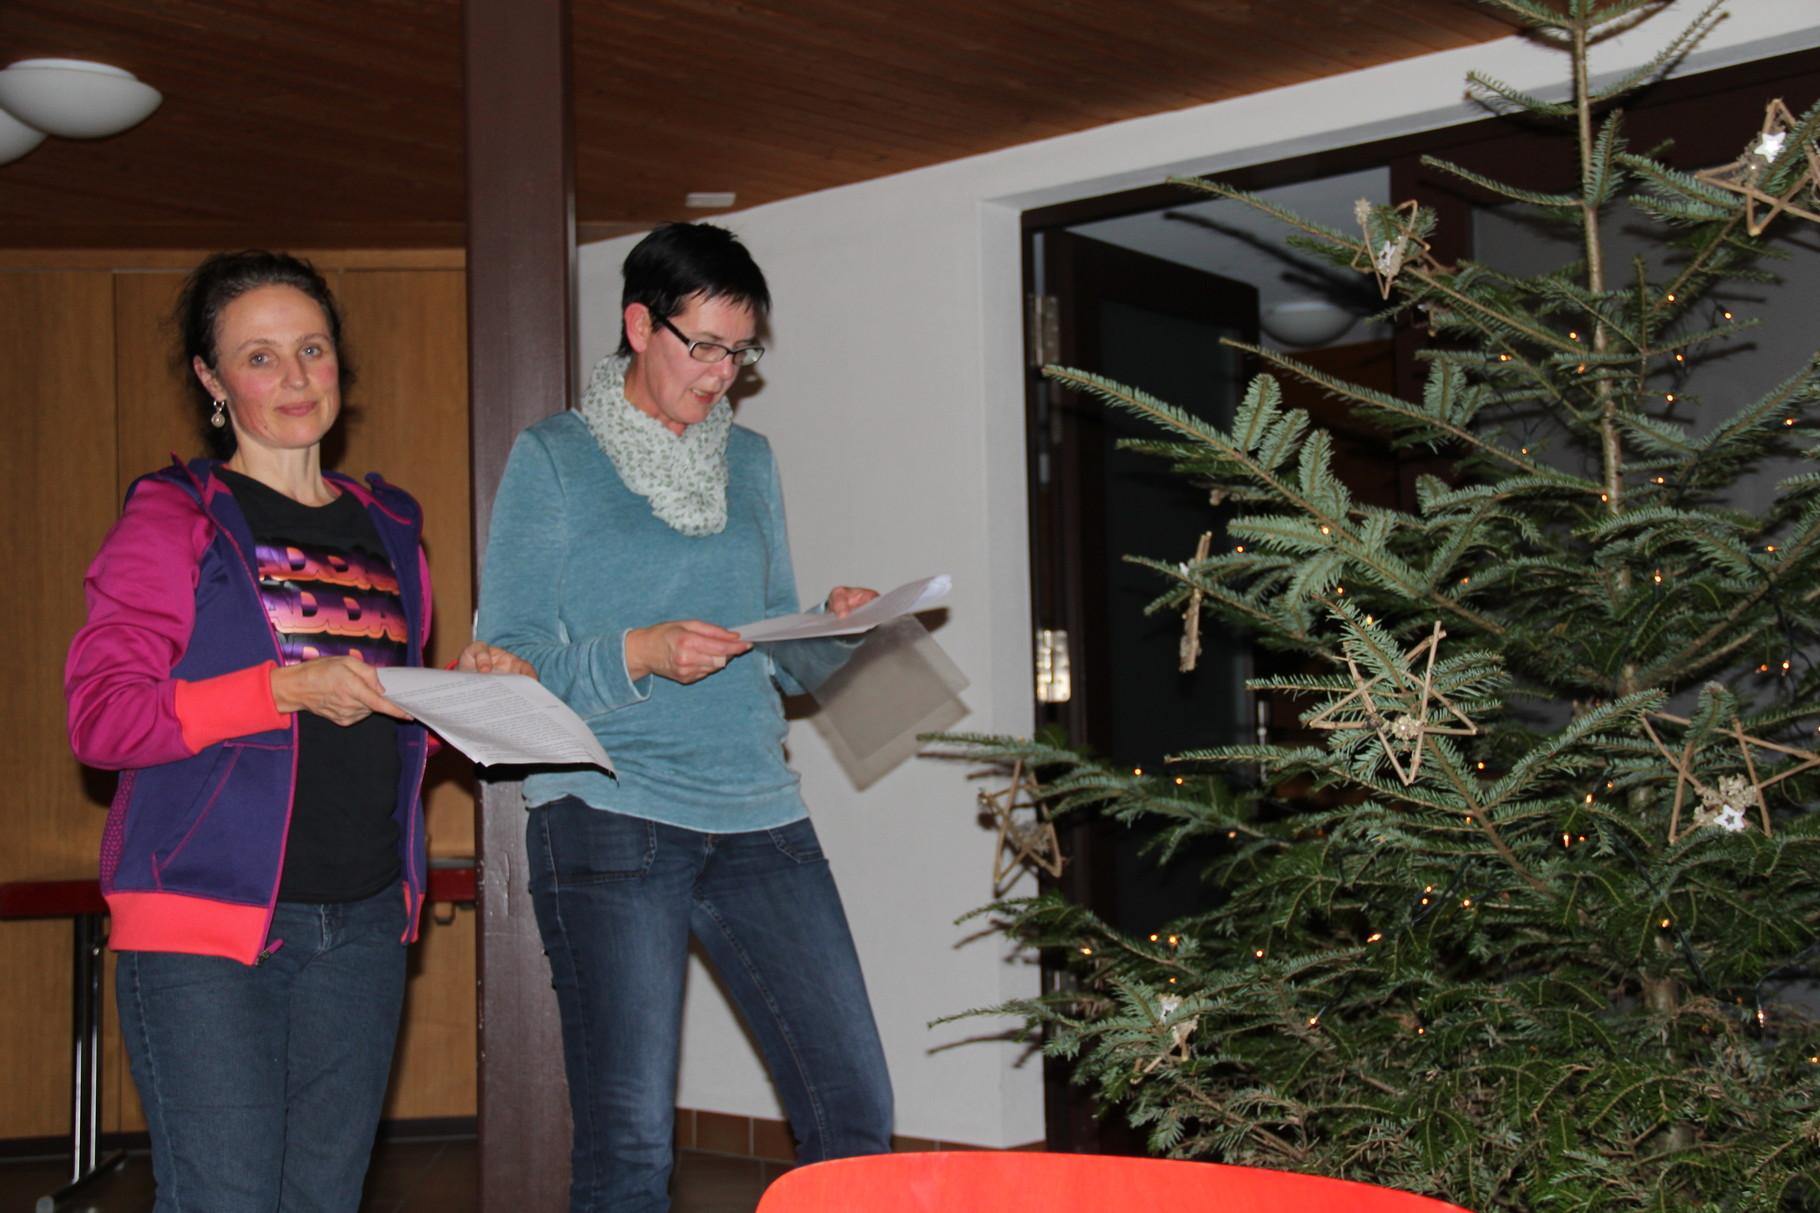 Helena und Martina erzählen die Weihnachtsgeschichte